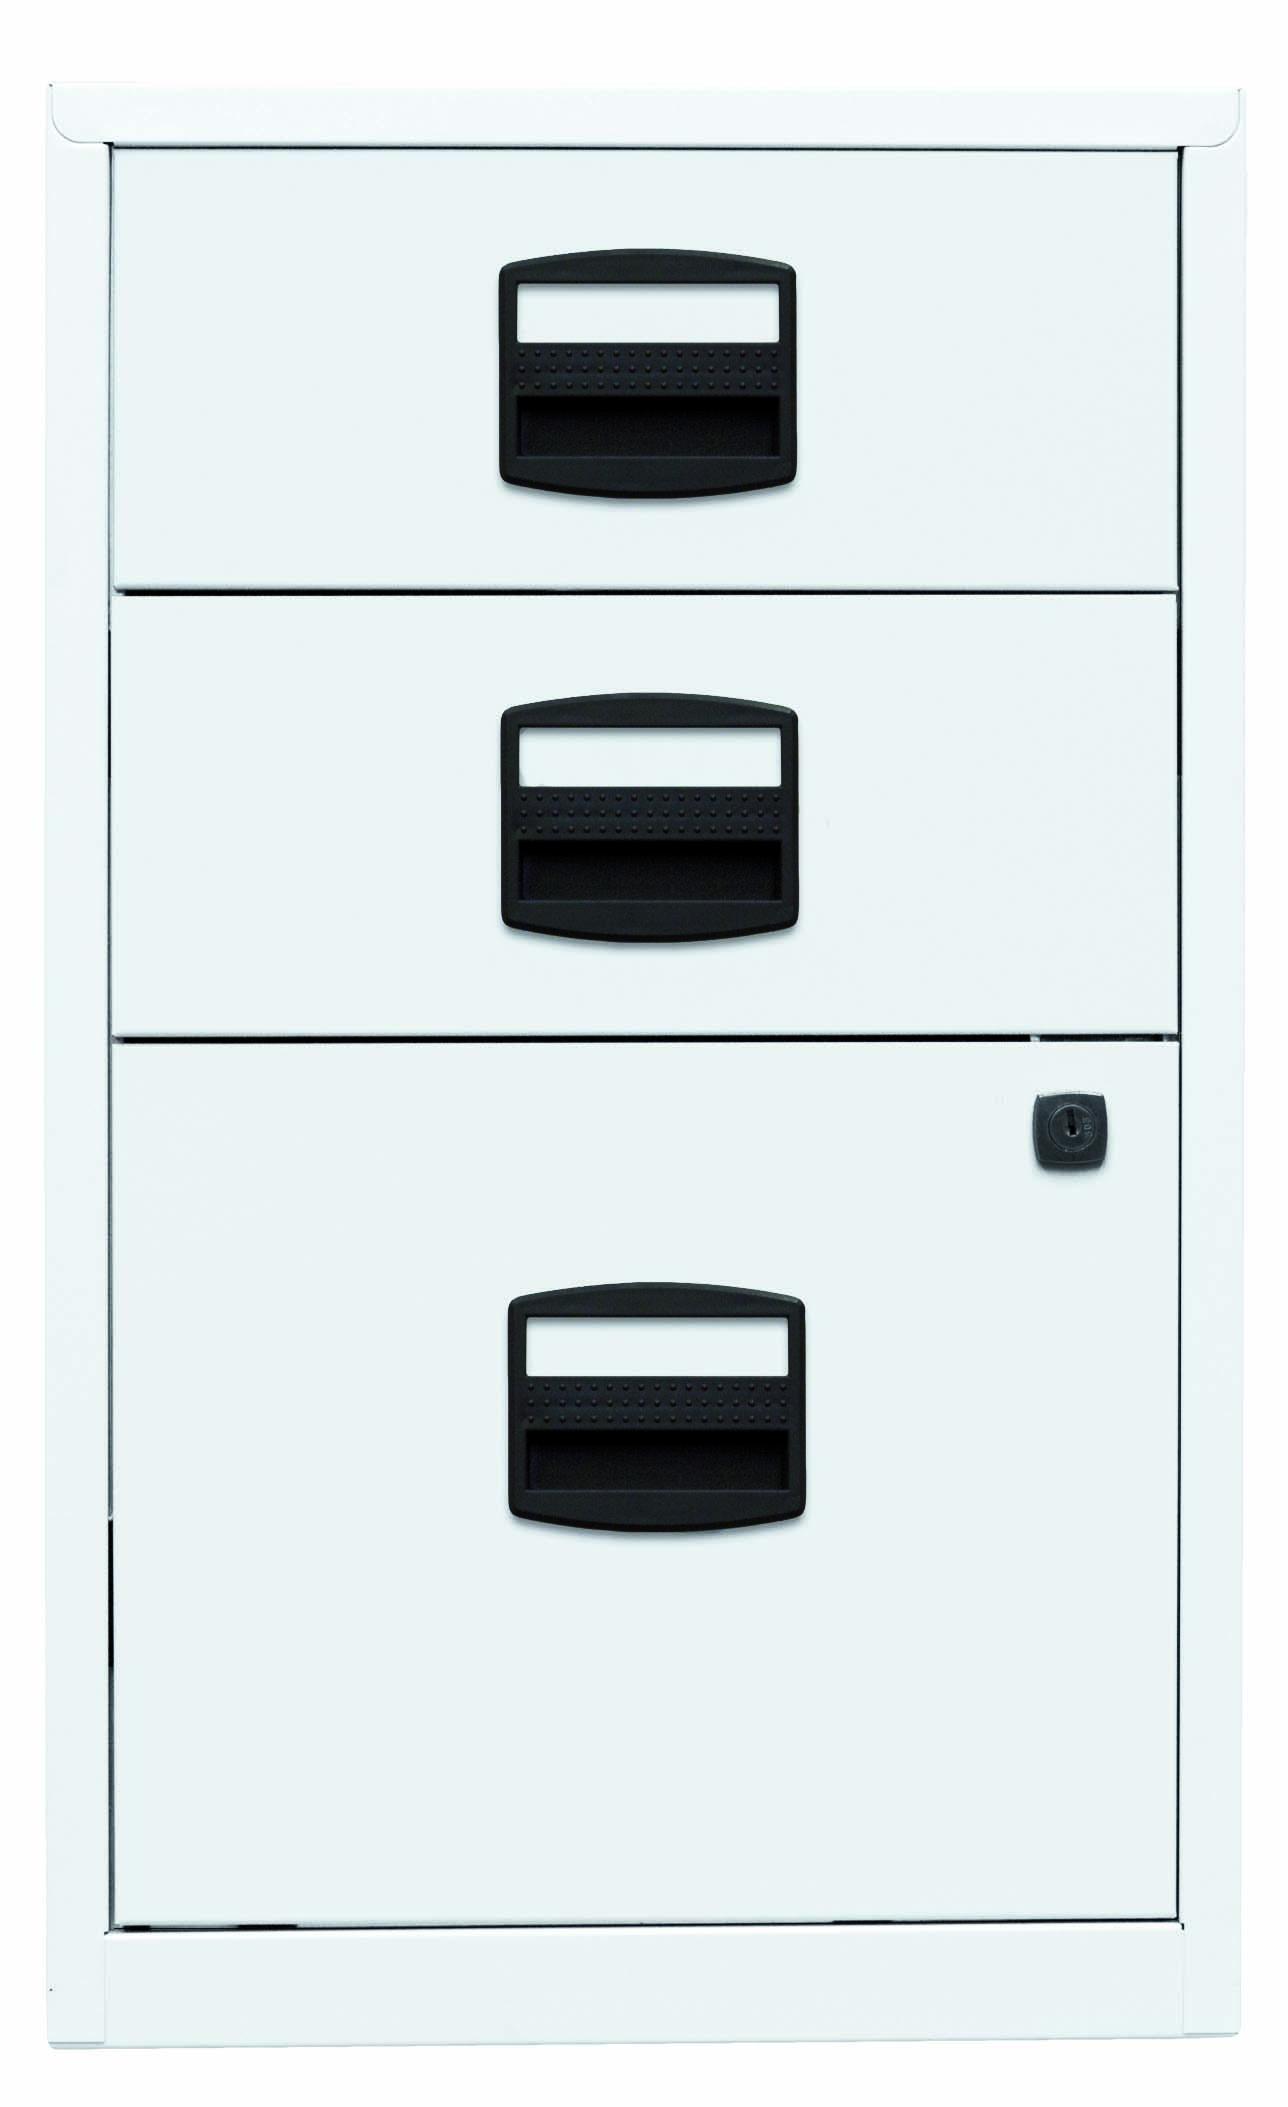 Beistellschrank PFA, 2 Universalschubladen, 1 HR-Schublade, Farbe verkehrsweiß